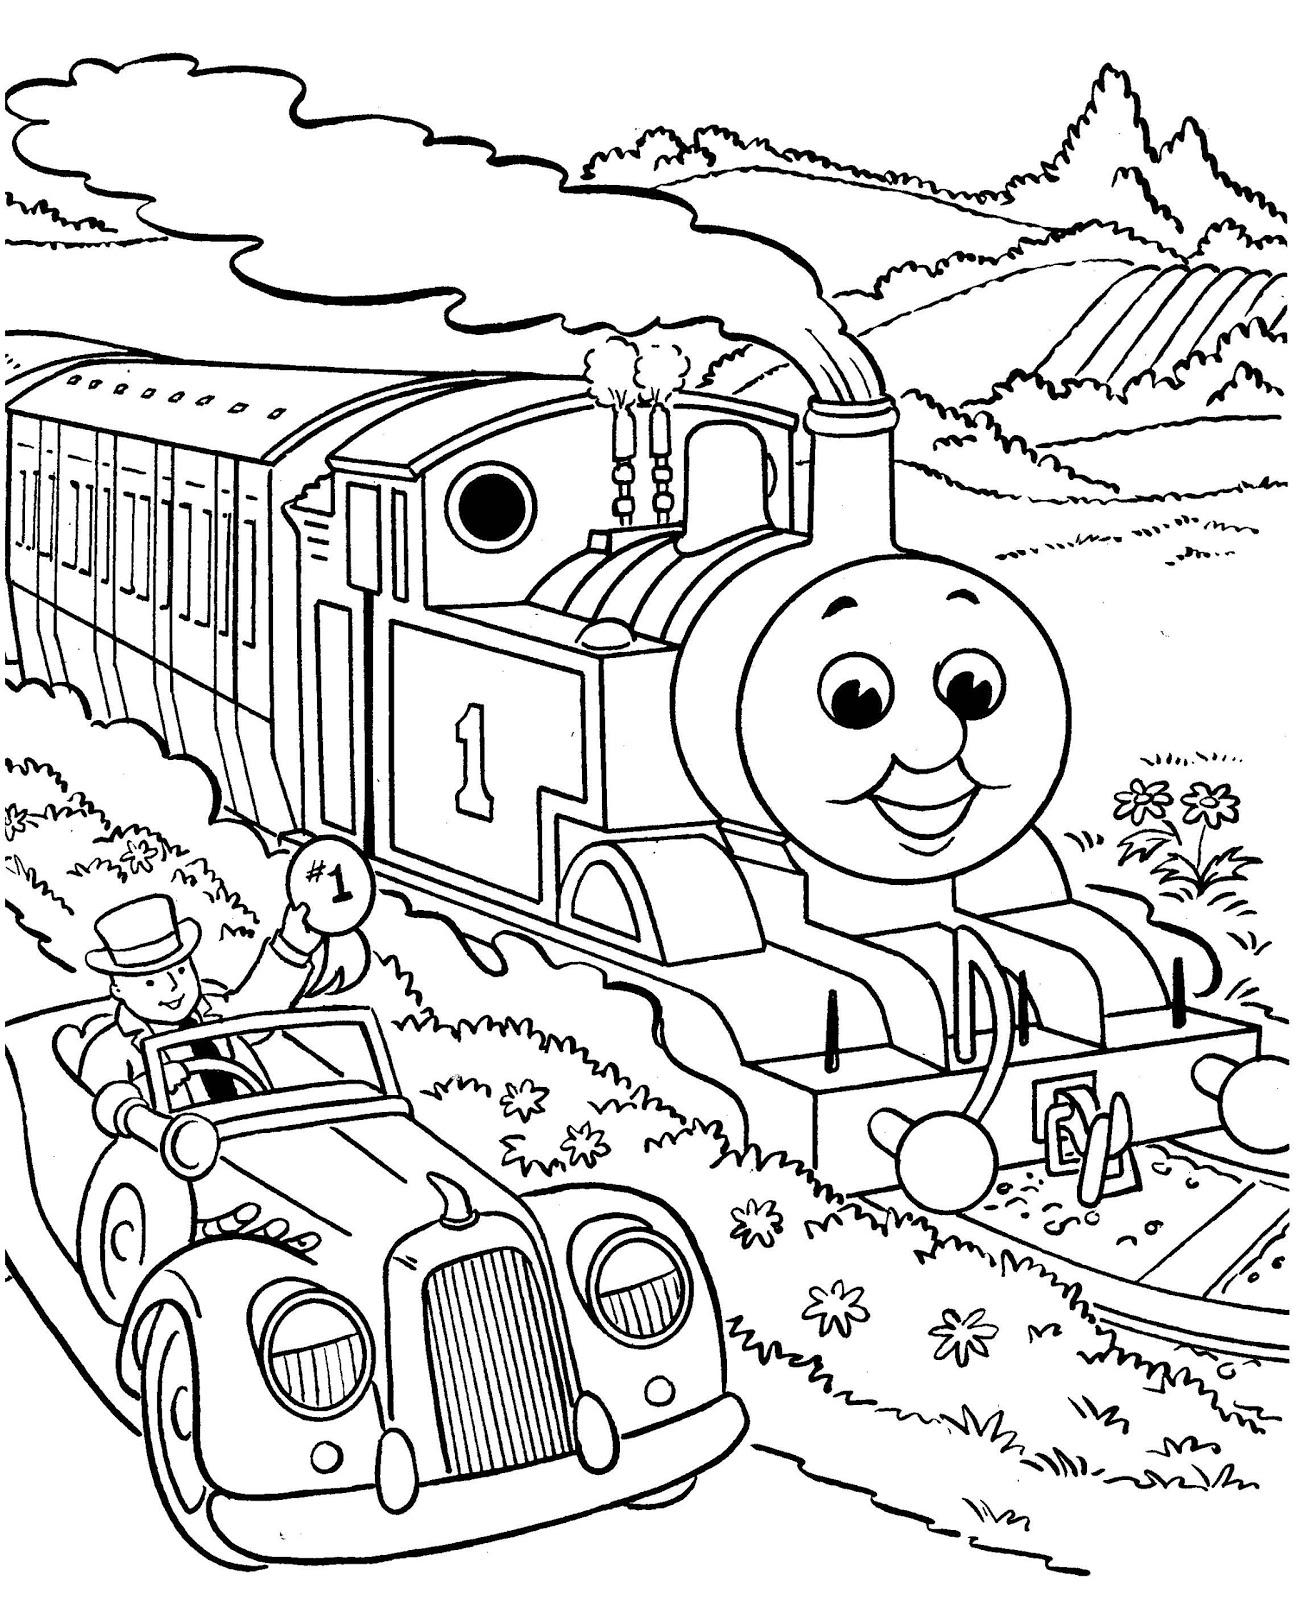 Dessins Gratuits À Colorier - Coloriage Train À Imprimer encequiconcerne Coloriage Thomas Le Petit Train